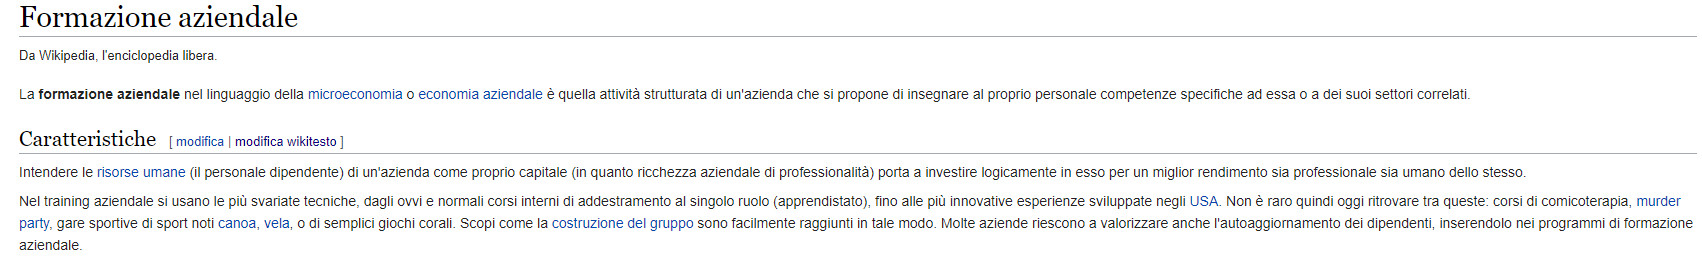 formazione aziendale in wikipedia pre-intervento